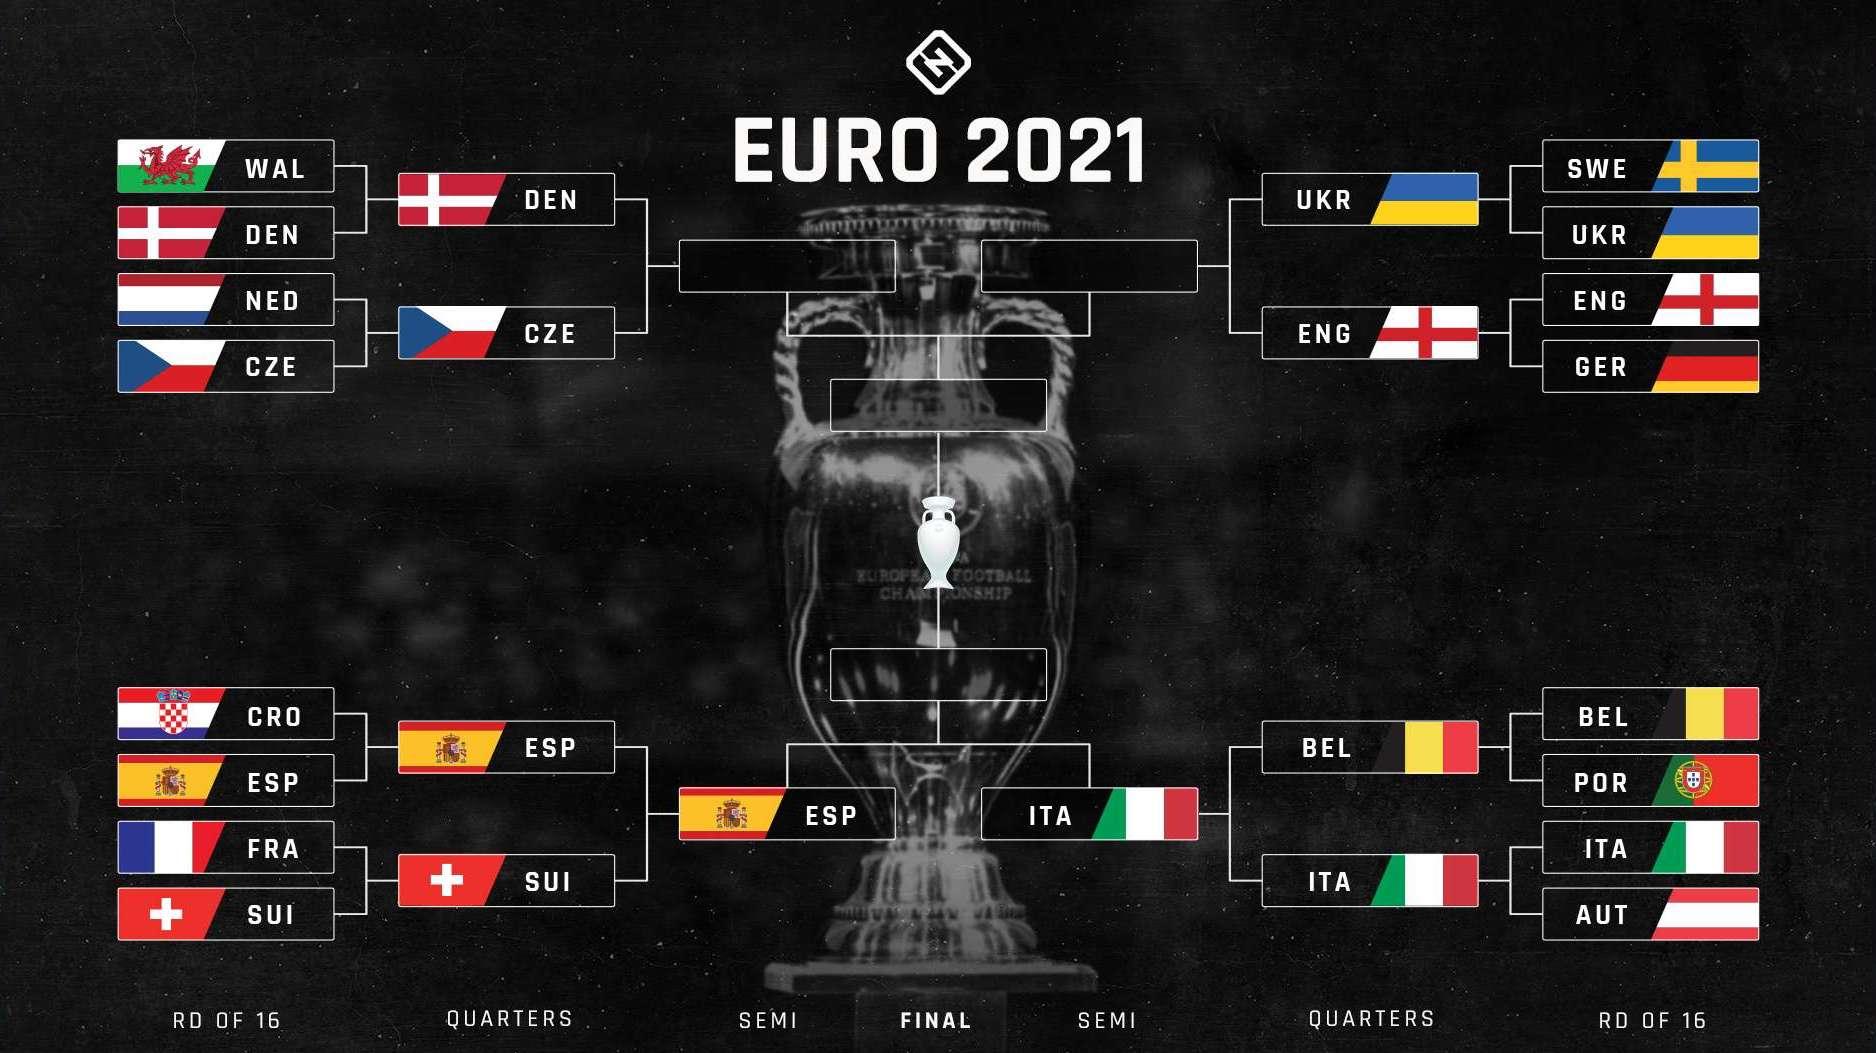 euros 2020 bracket